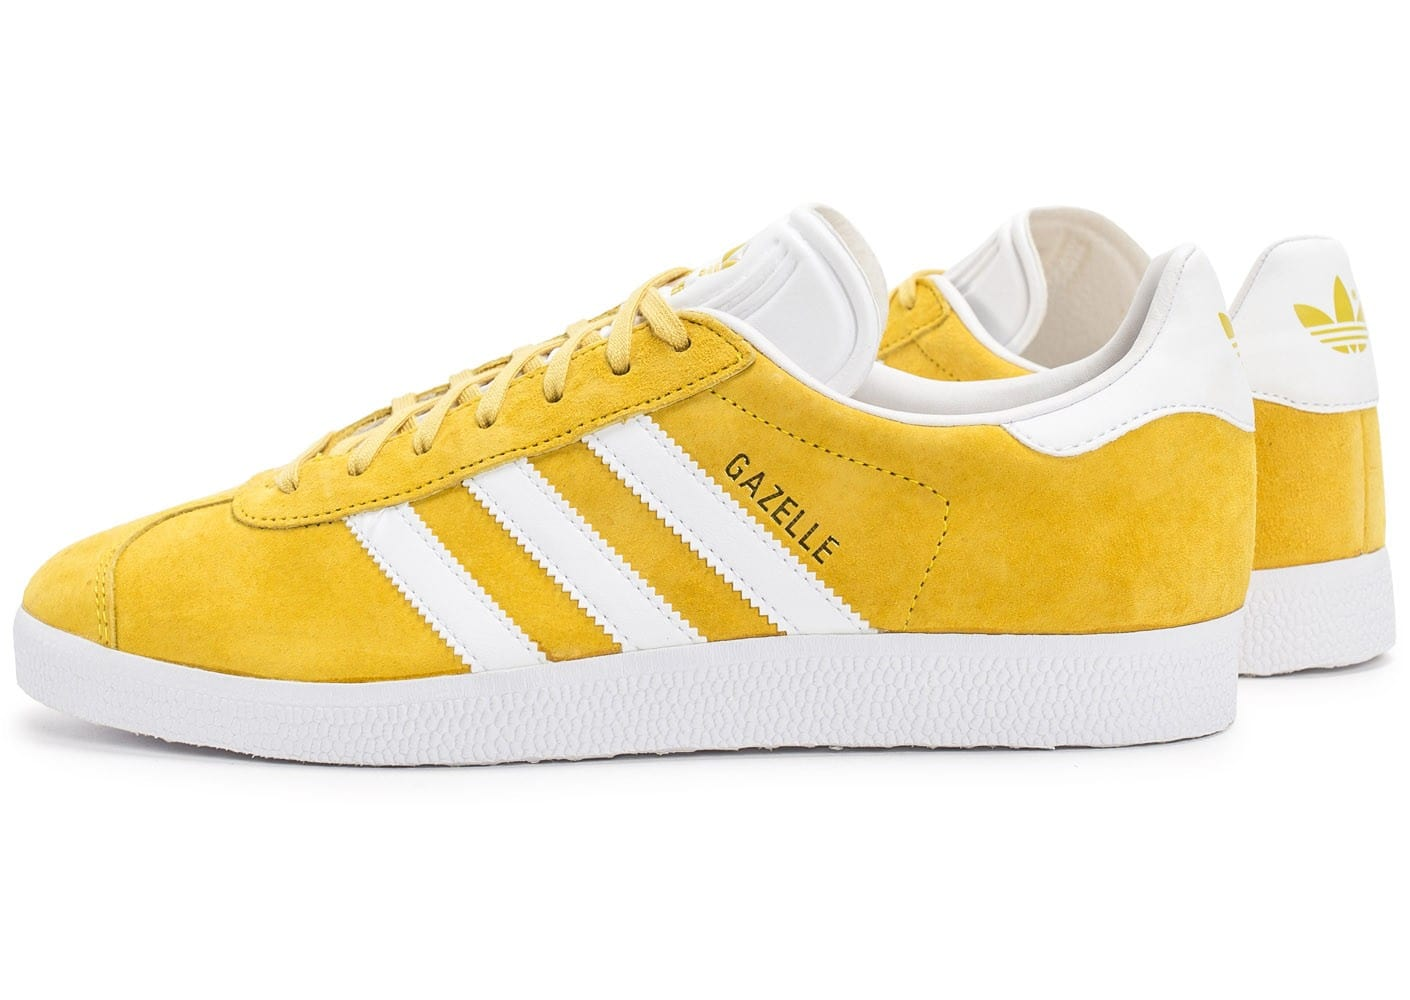 adidas chaussures jaune